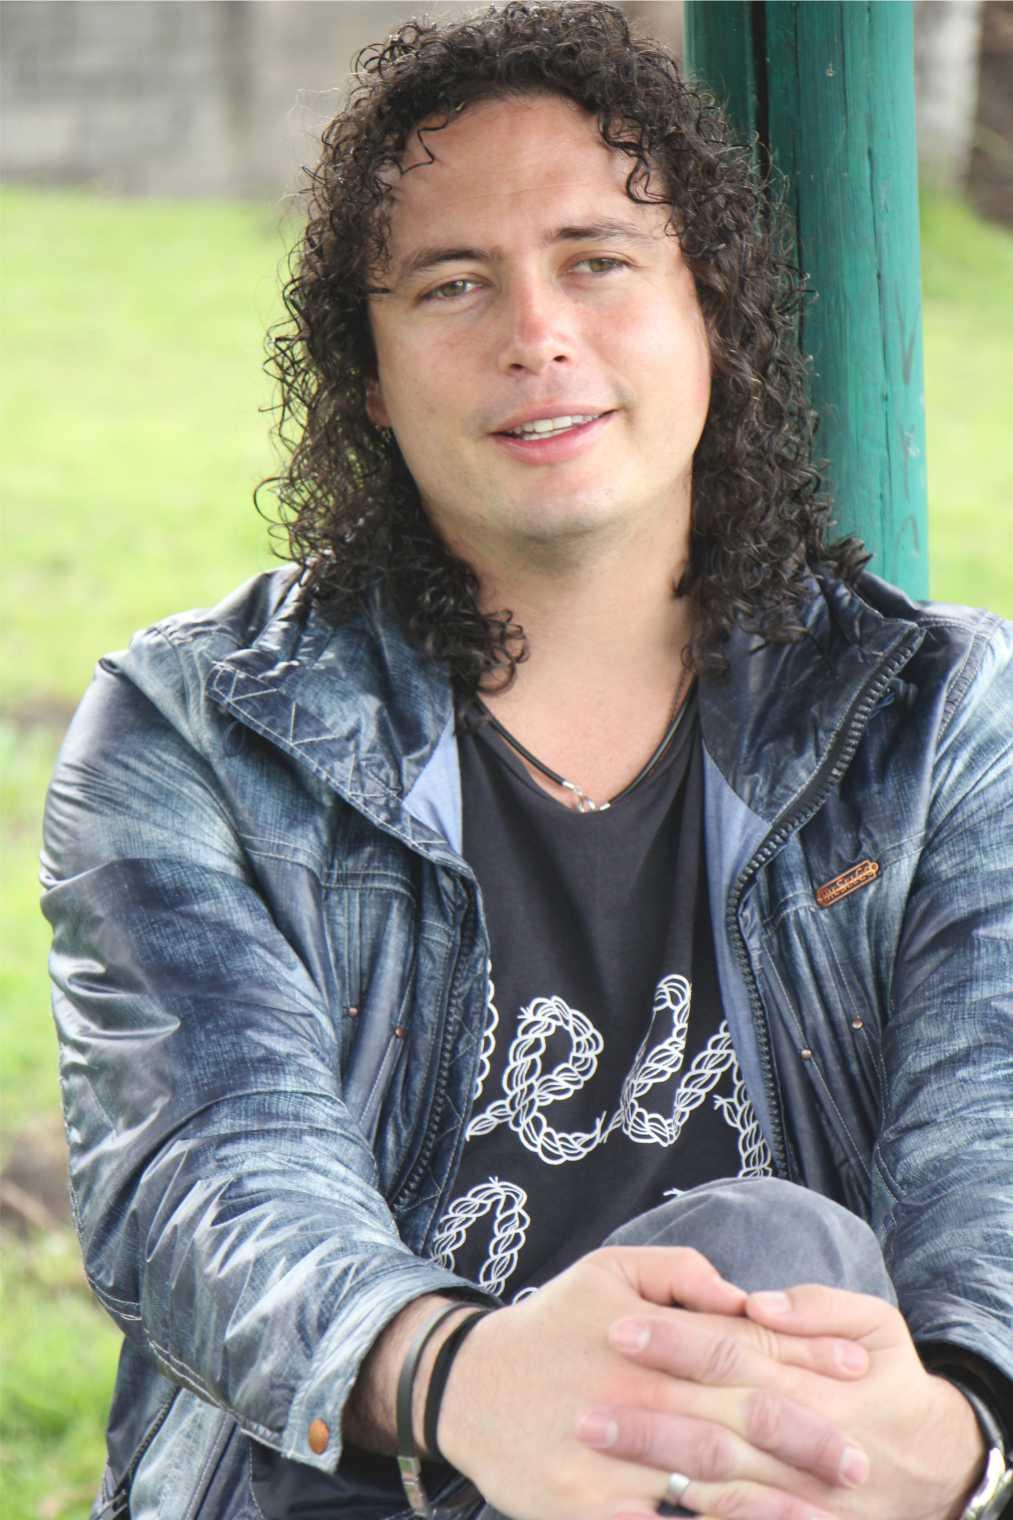 ECUADOR - Etnografía, cultura y mestizaje Fausto2